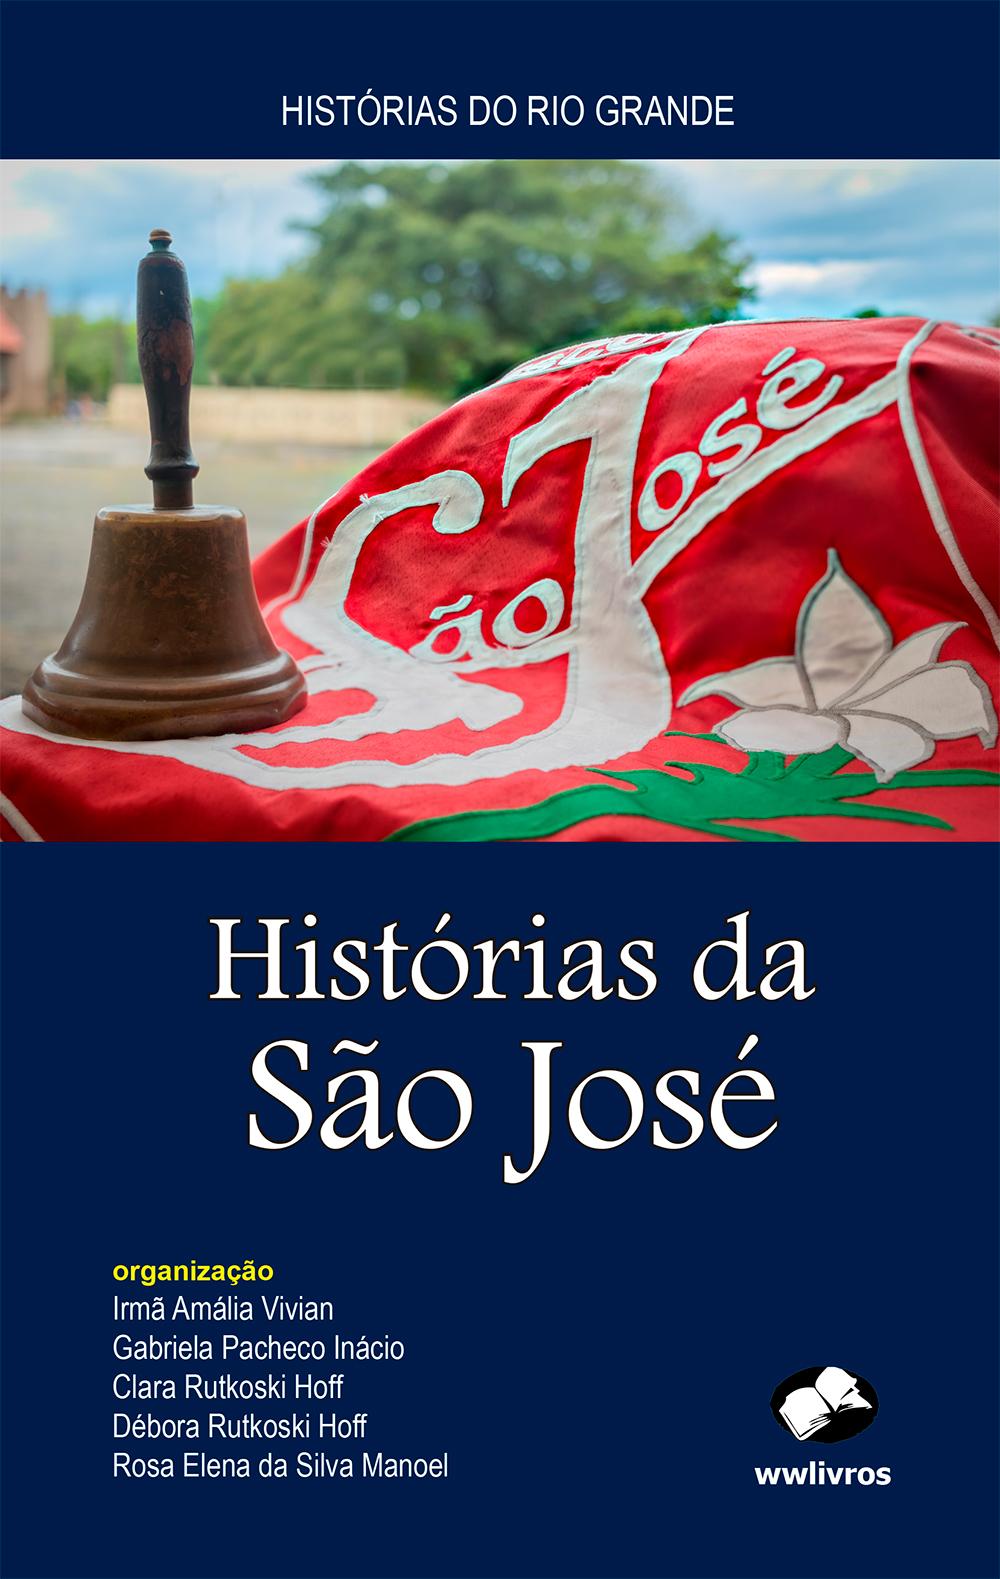 Histórias da São José